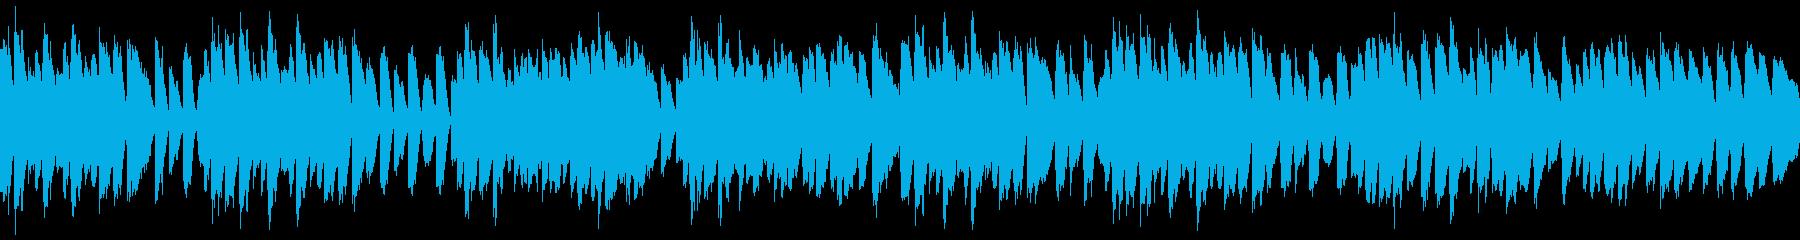 【便利】 ピアノB ラグタイム 【定番】の再生済みの波形